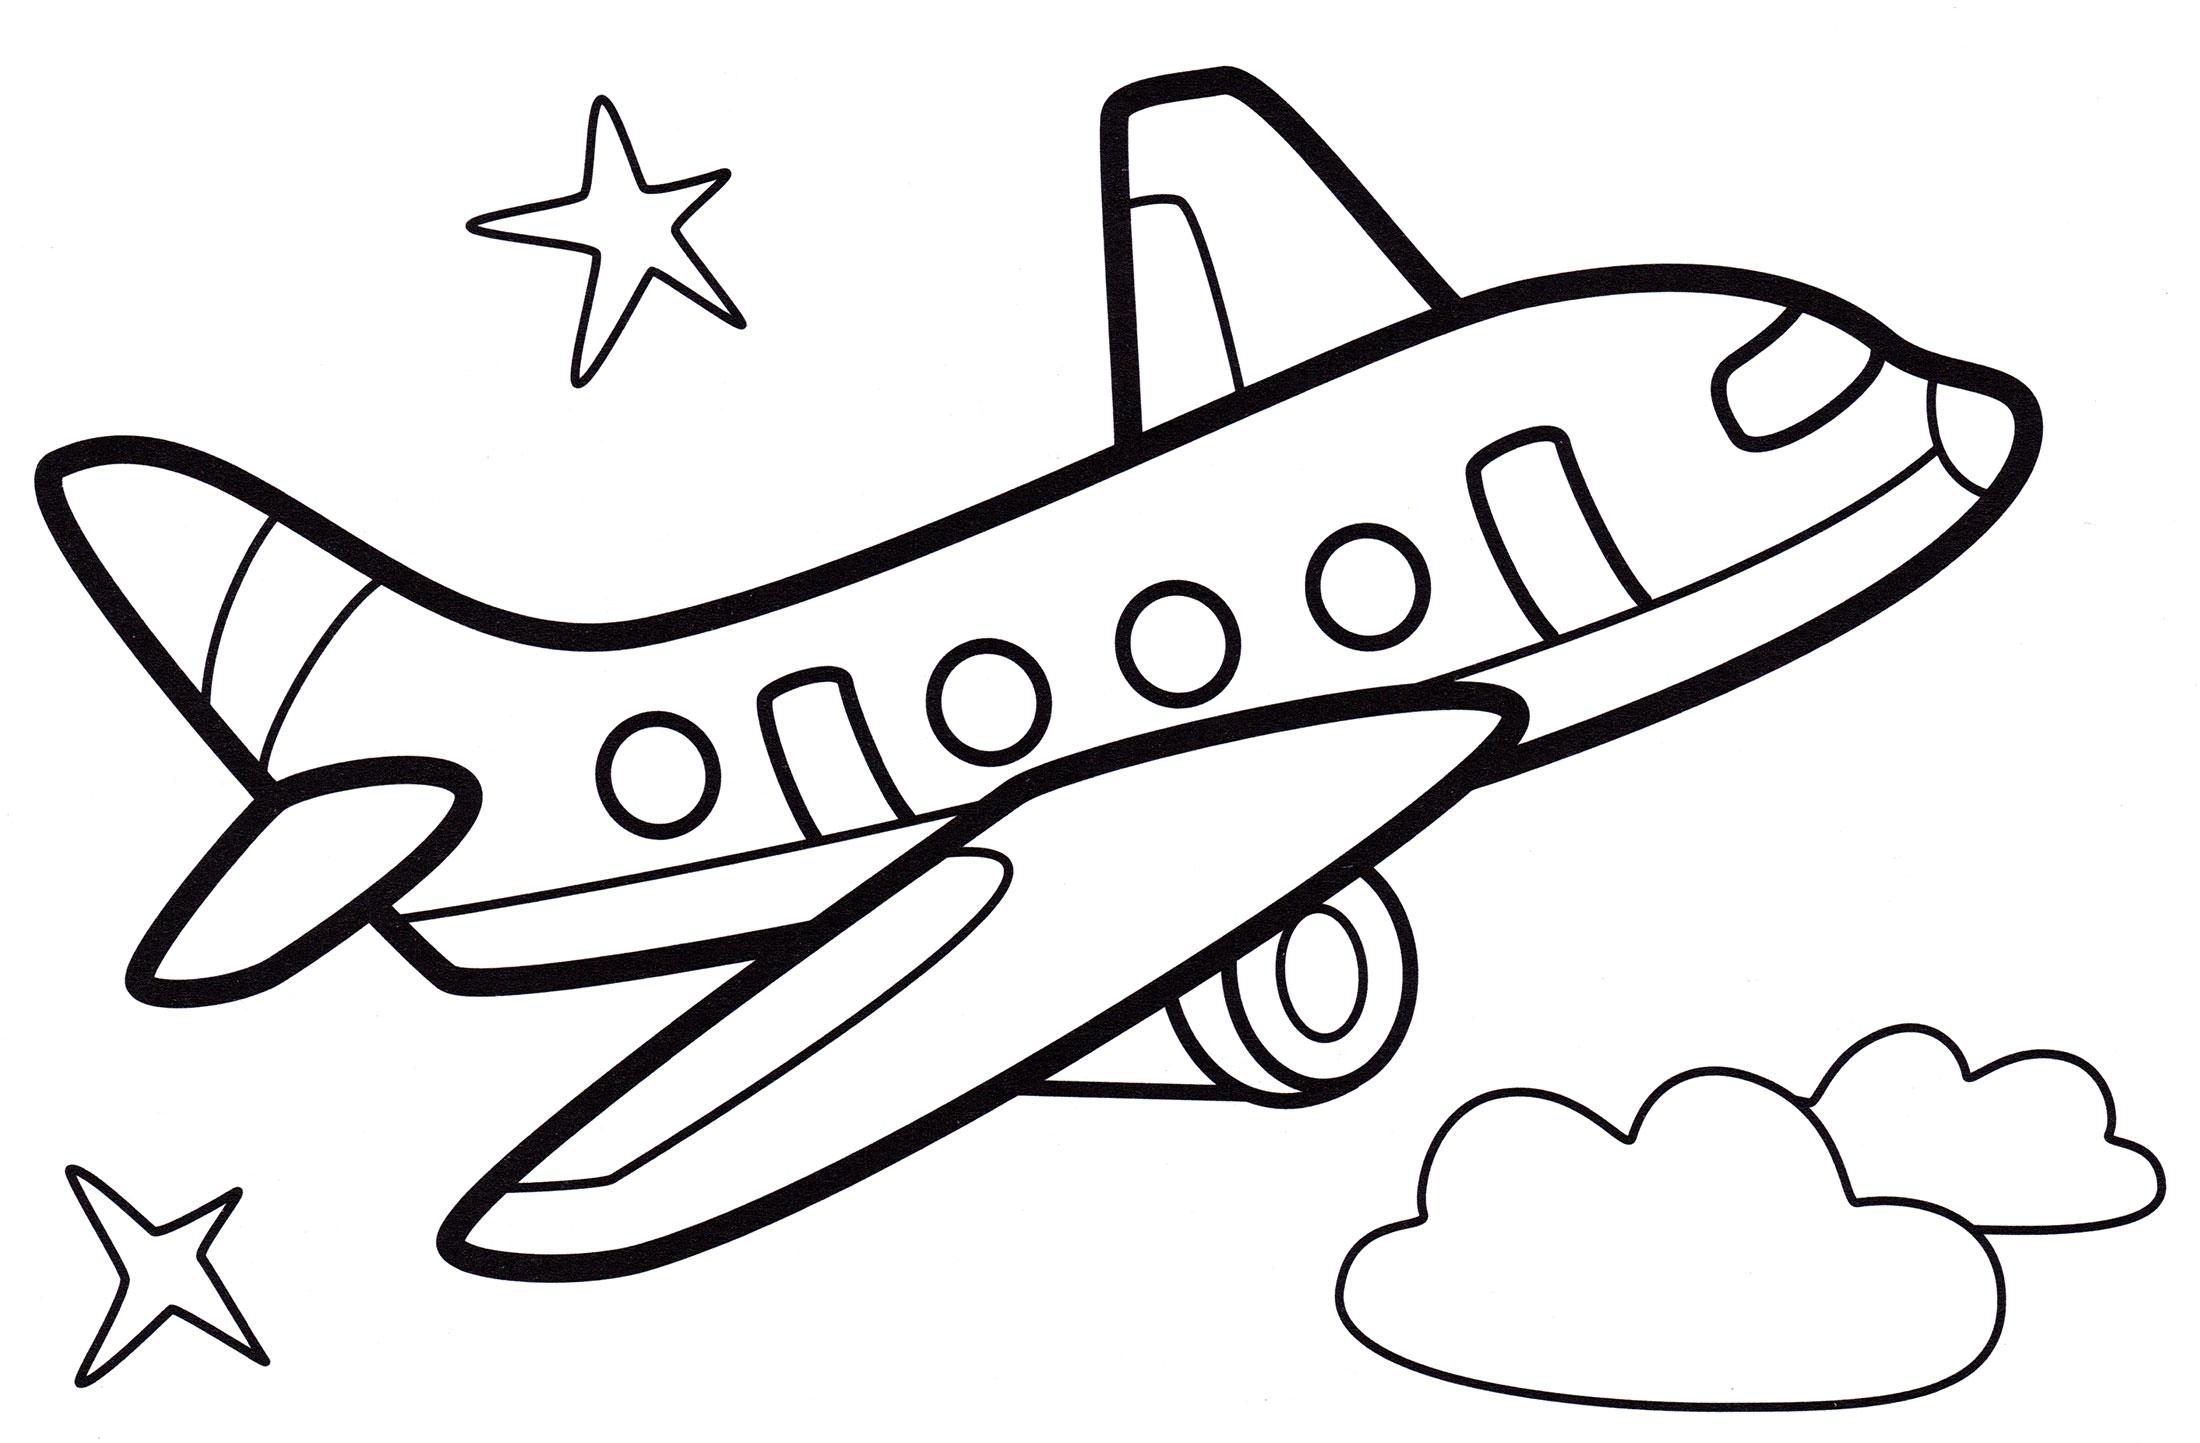 Раскраска Самолет в полете - распечатать бесплатно